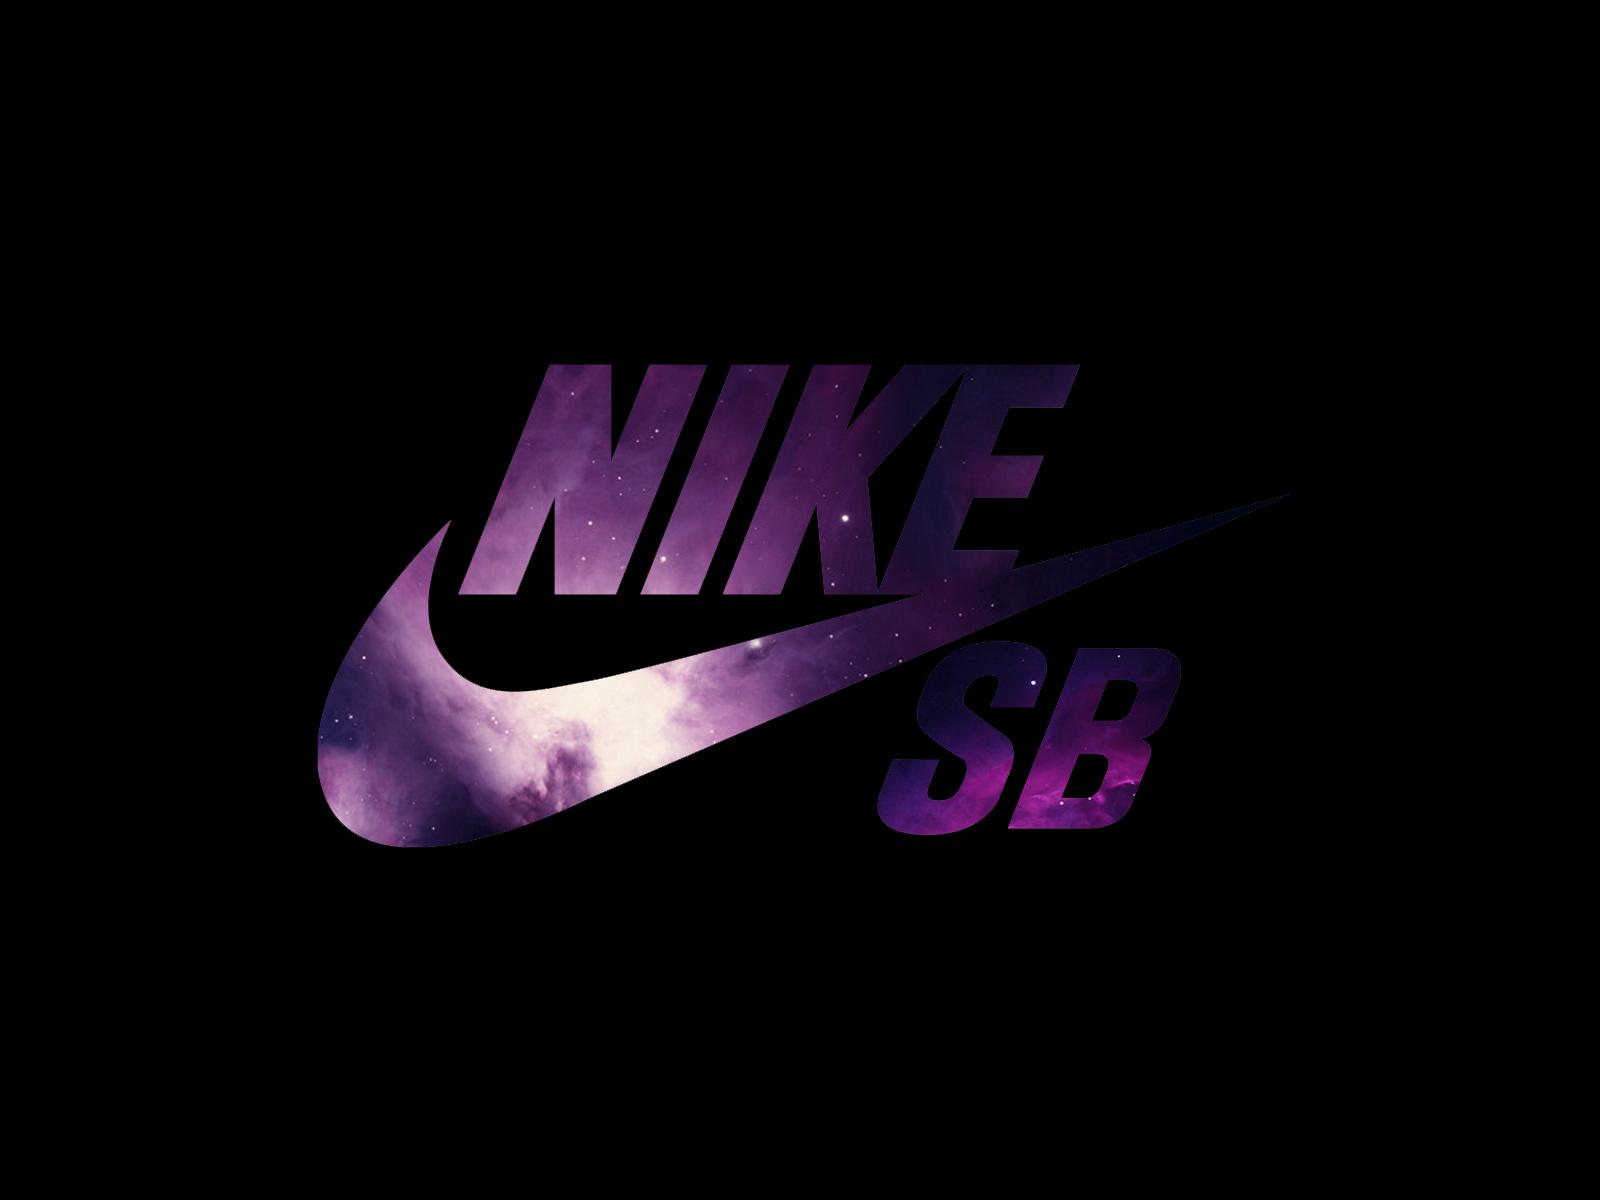 Logo nike wallpaper wallpapersafari - Wallpapers Nike Desktop Wallpapers Wallpapers Hd Wallpaper Hd Nike 2